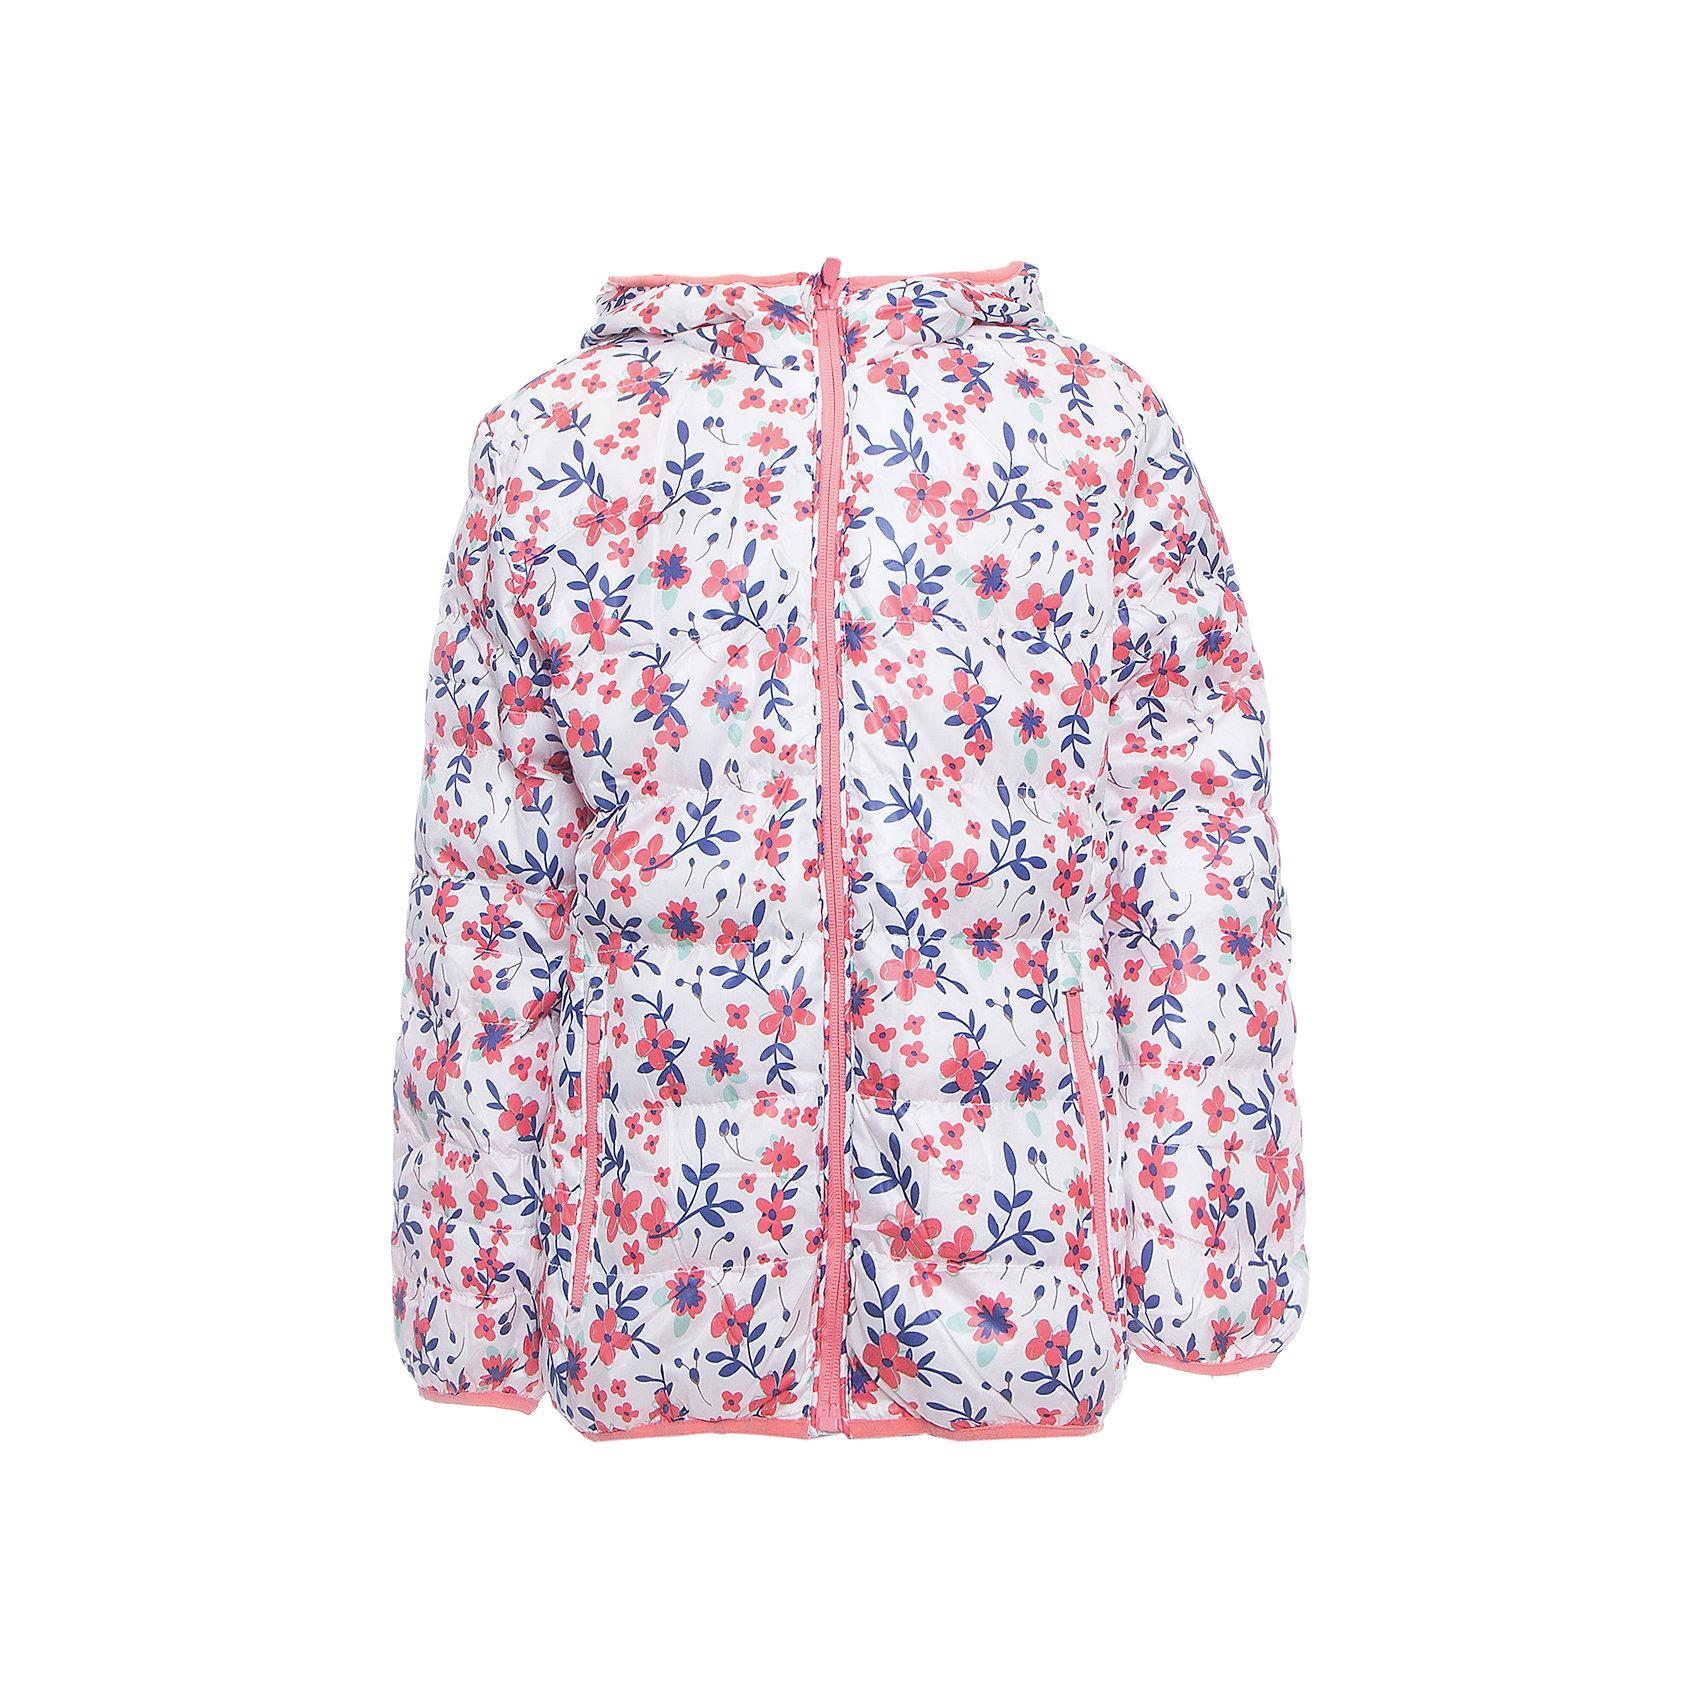 Куртка для девочки Sweet BerryУтепленная текстильная куртка для девочек. Нарядная и модная, с бело-розовой расцветкой.  Куртка имеет капюшон, который частично затягивается молнией.<br>Состав:<br>Верх: 100%полиэстер. Подкладка: 65%хлопок 35%полиэстер. Наполнитель: 100%полиэстер<br><br>Ширина мм: 356<br>Глубина мм: 10<br>Высота мм: 245<br>Вес г: 519<br>Цвет: розовый<br>Возраст от месяцев: 72<br>Возраст до месяцев: 84<br>Пол: Женский<br>Возраст: Детский<br>Размер: 122,128,104,98,110,116<br>SKU: 5412198